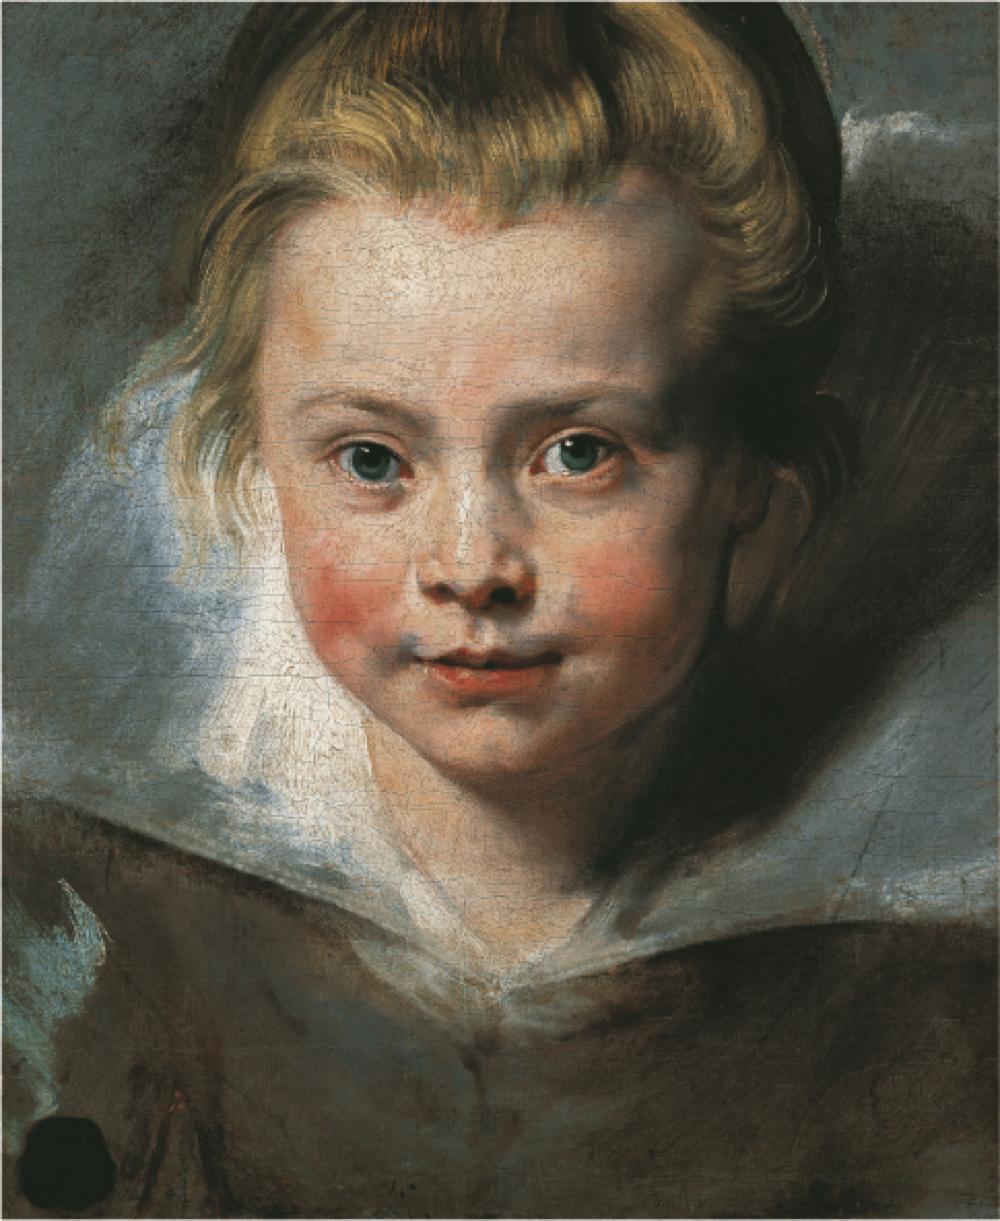 ペーテル・パウル・ルーベンス《クララ・セレーナ・ルーベンスの肖像》 ウィーン、リヒテンシュタイン侯爵家コレクション (C)LIECHTENSTEIN. The Princely Collections, Vaduz-Vienna